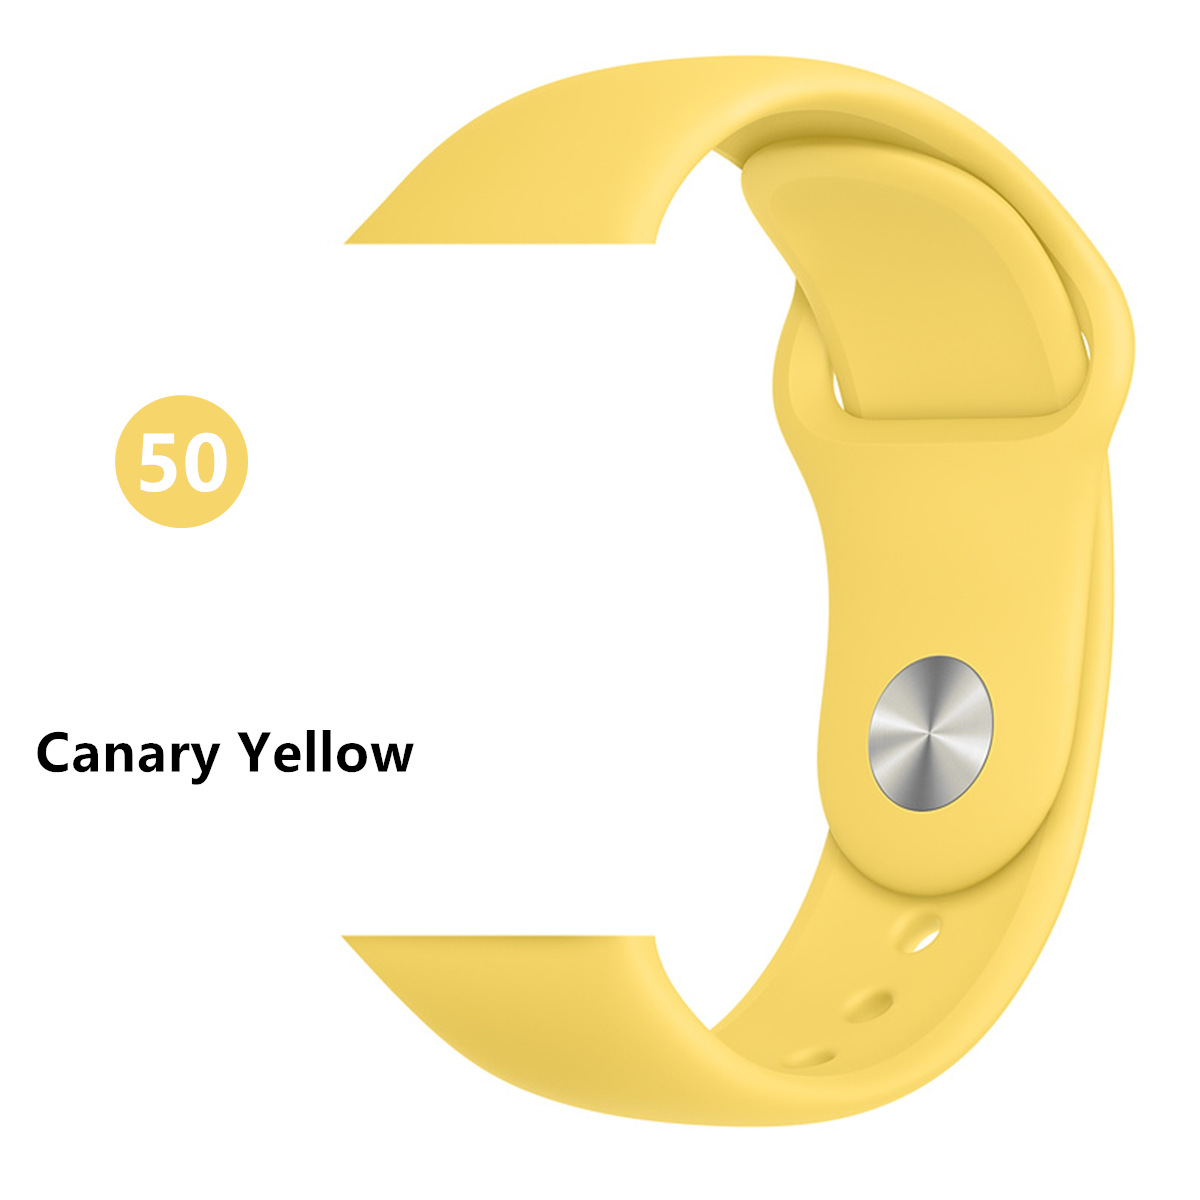 Ремешок для Apple Watch 38 мм 42 мм iWatch 4 ремешка 44 мм 40 мм спортивный силиконовый ремень браслет Apple watch 5 4 3 2 Аксессуары для ремешка - Цвет ремешка: Canary Yellow